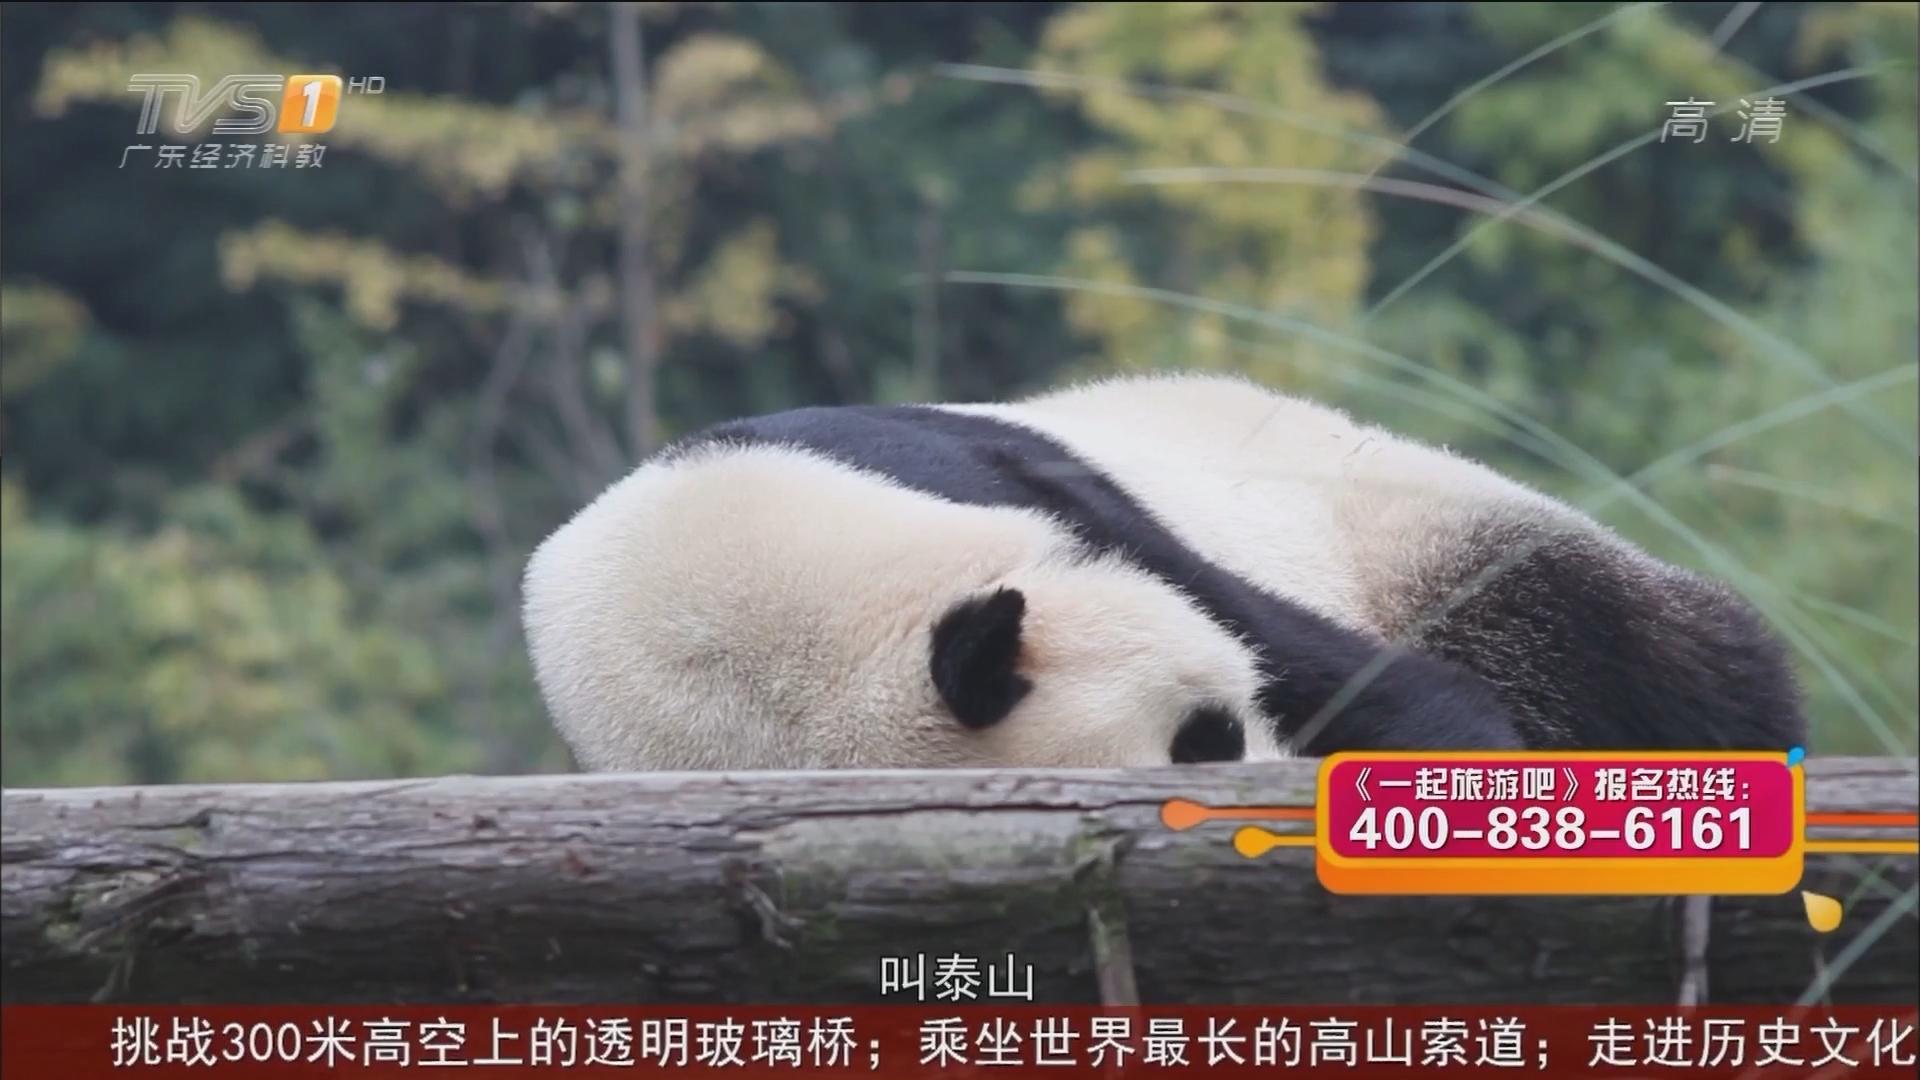 成都——参观成都熊猫基地